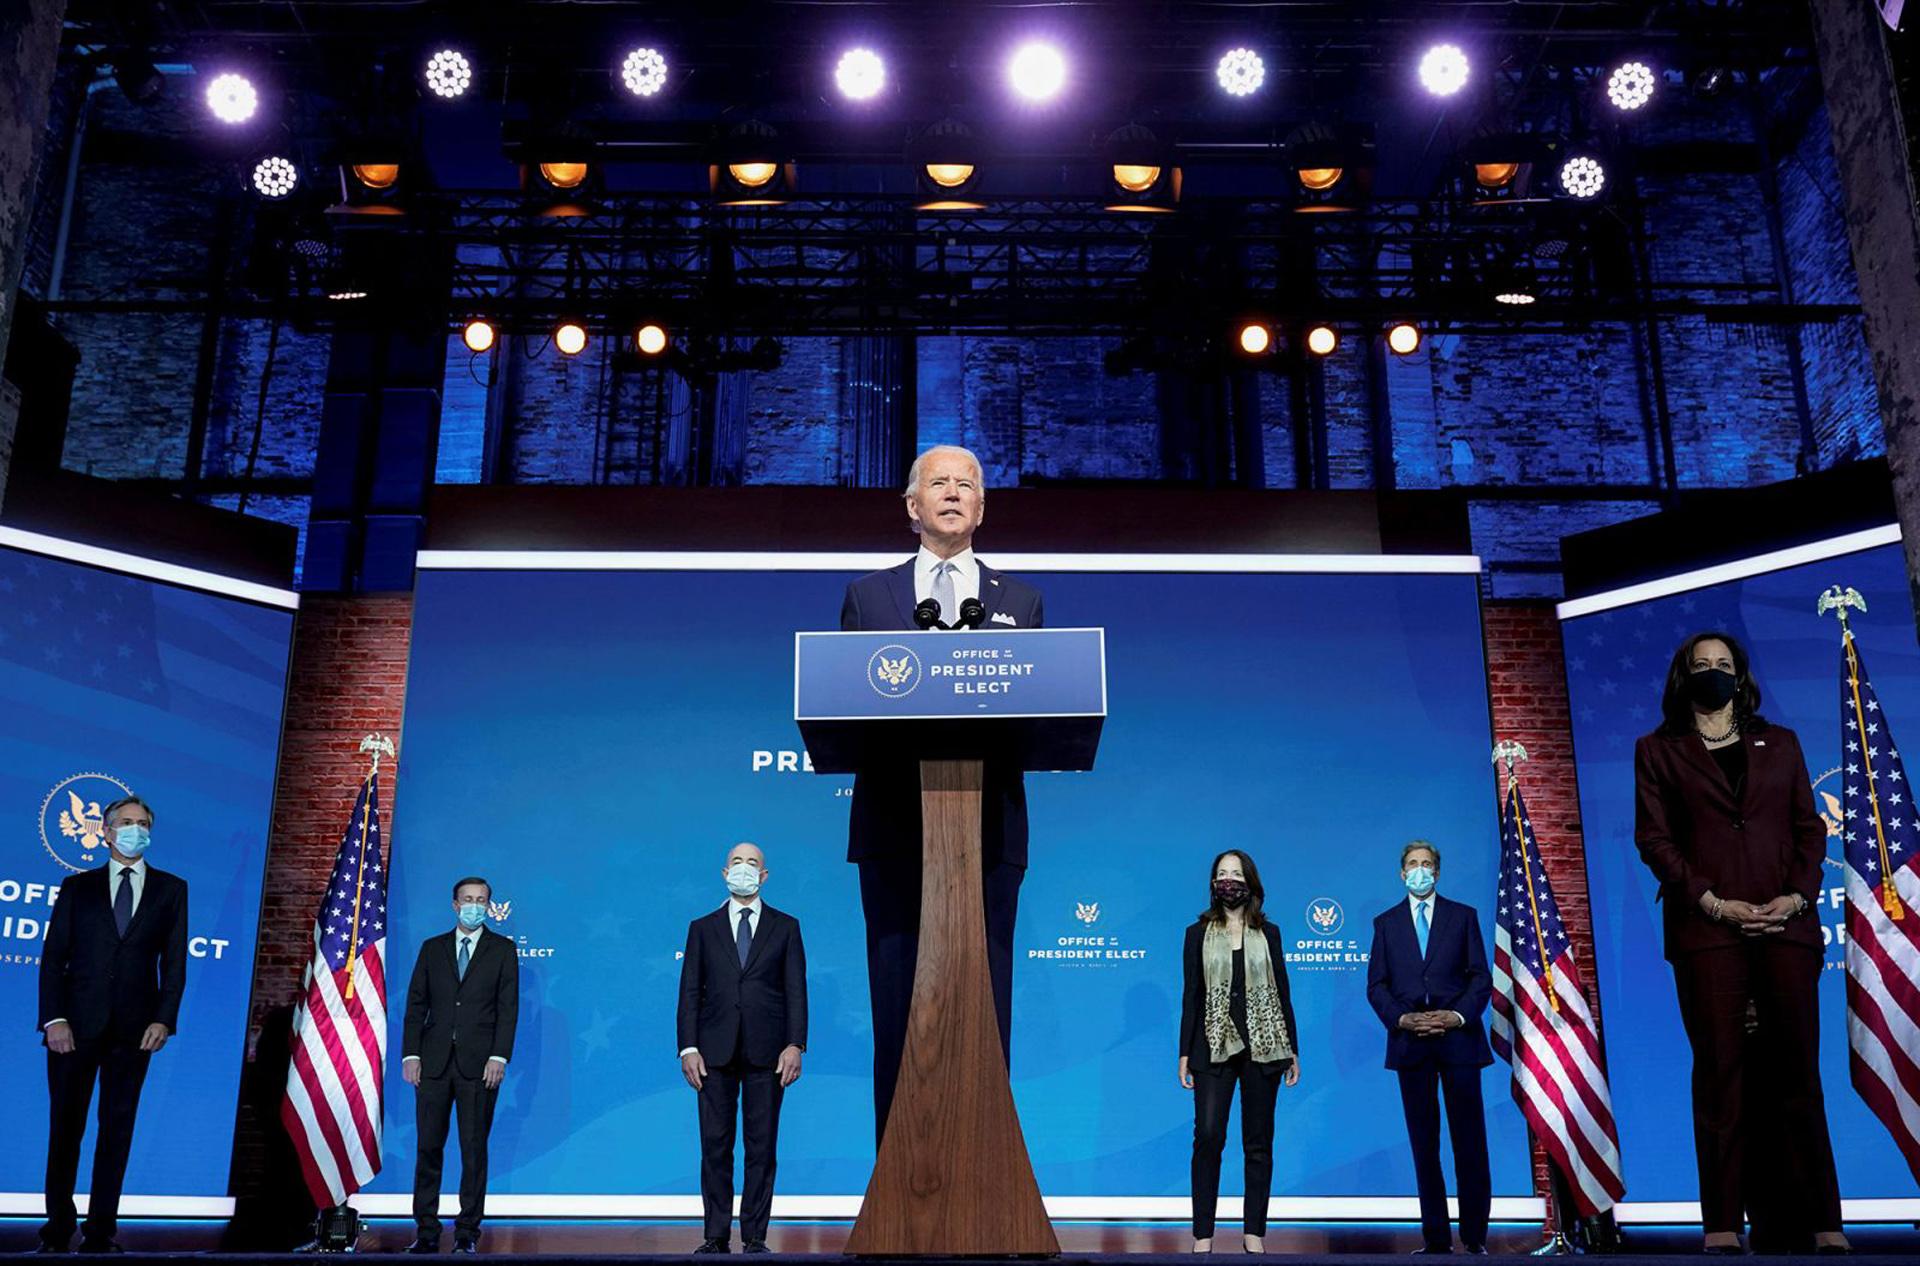 Hàn gắn chia rẽ, khôi phục vị thế nước Mỹ -0